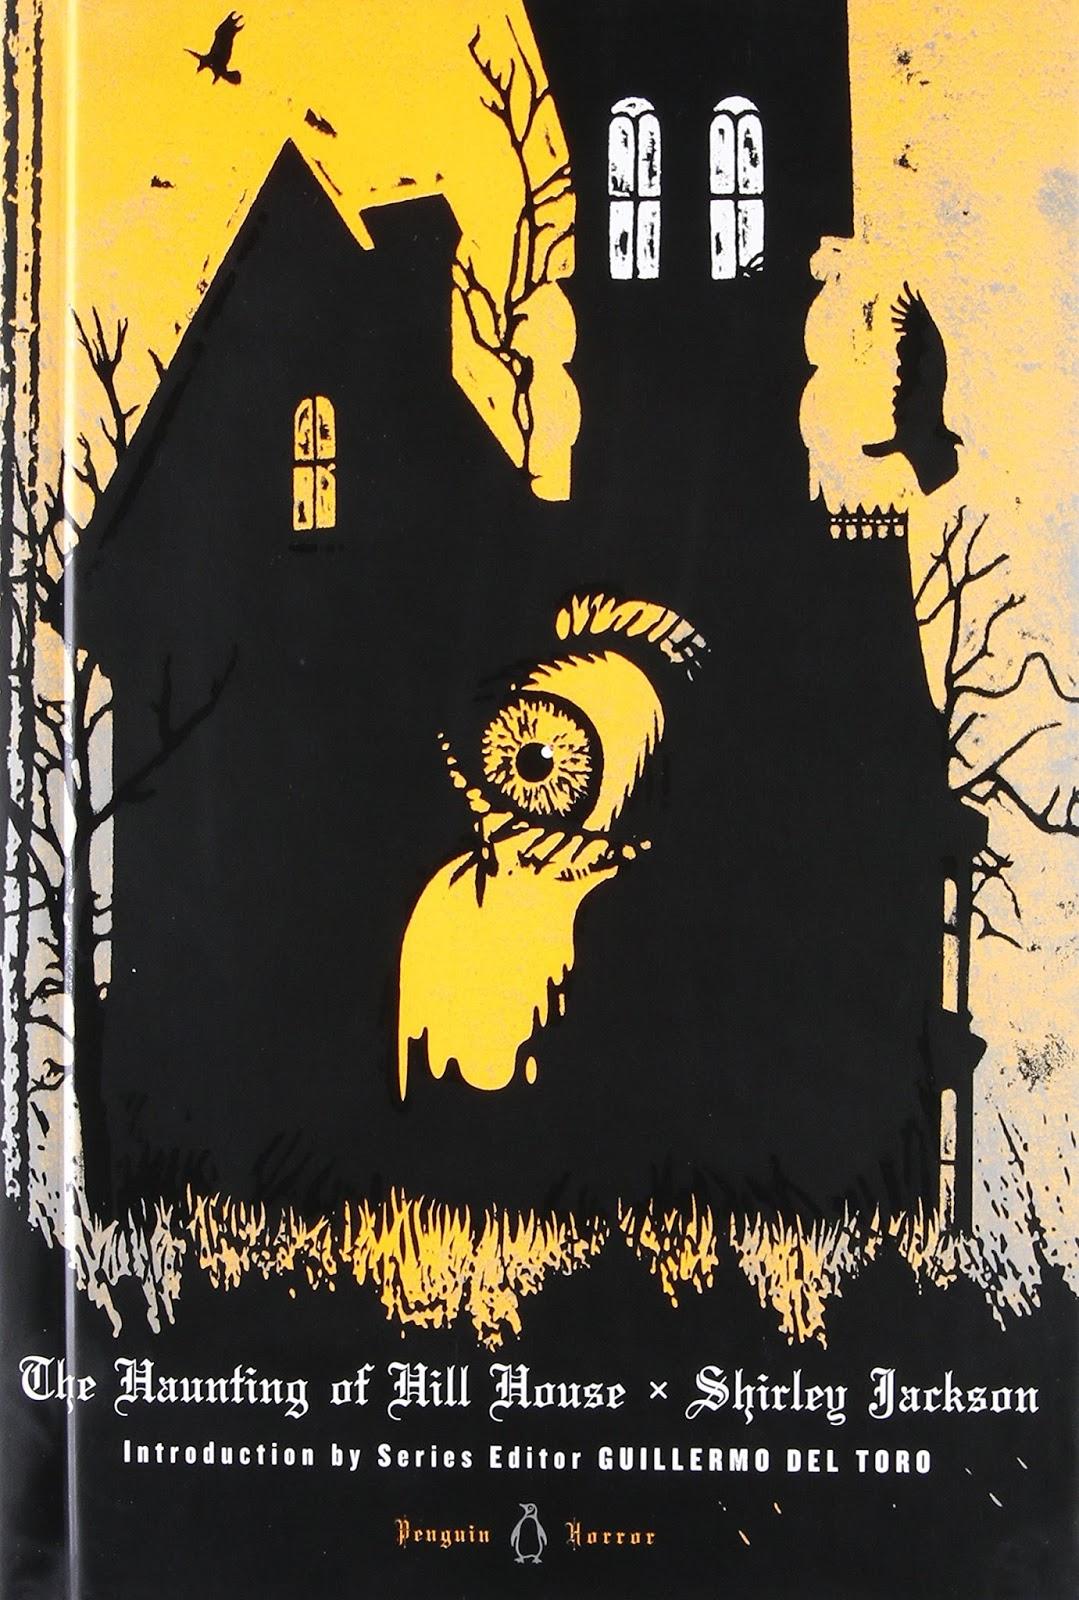 Dicas de leitura de halloween leitora viciada uma expedio para investigar a paranormalidade de uma antiga manso fria e labirntica que se sem fantasmas j assusta fandeluxe Images